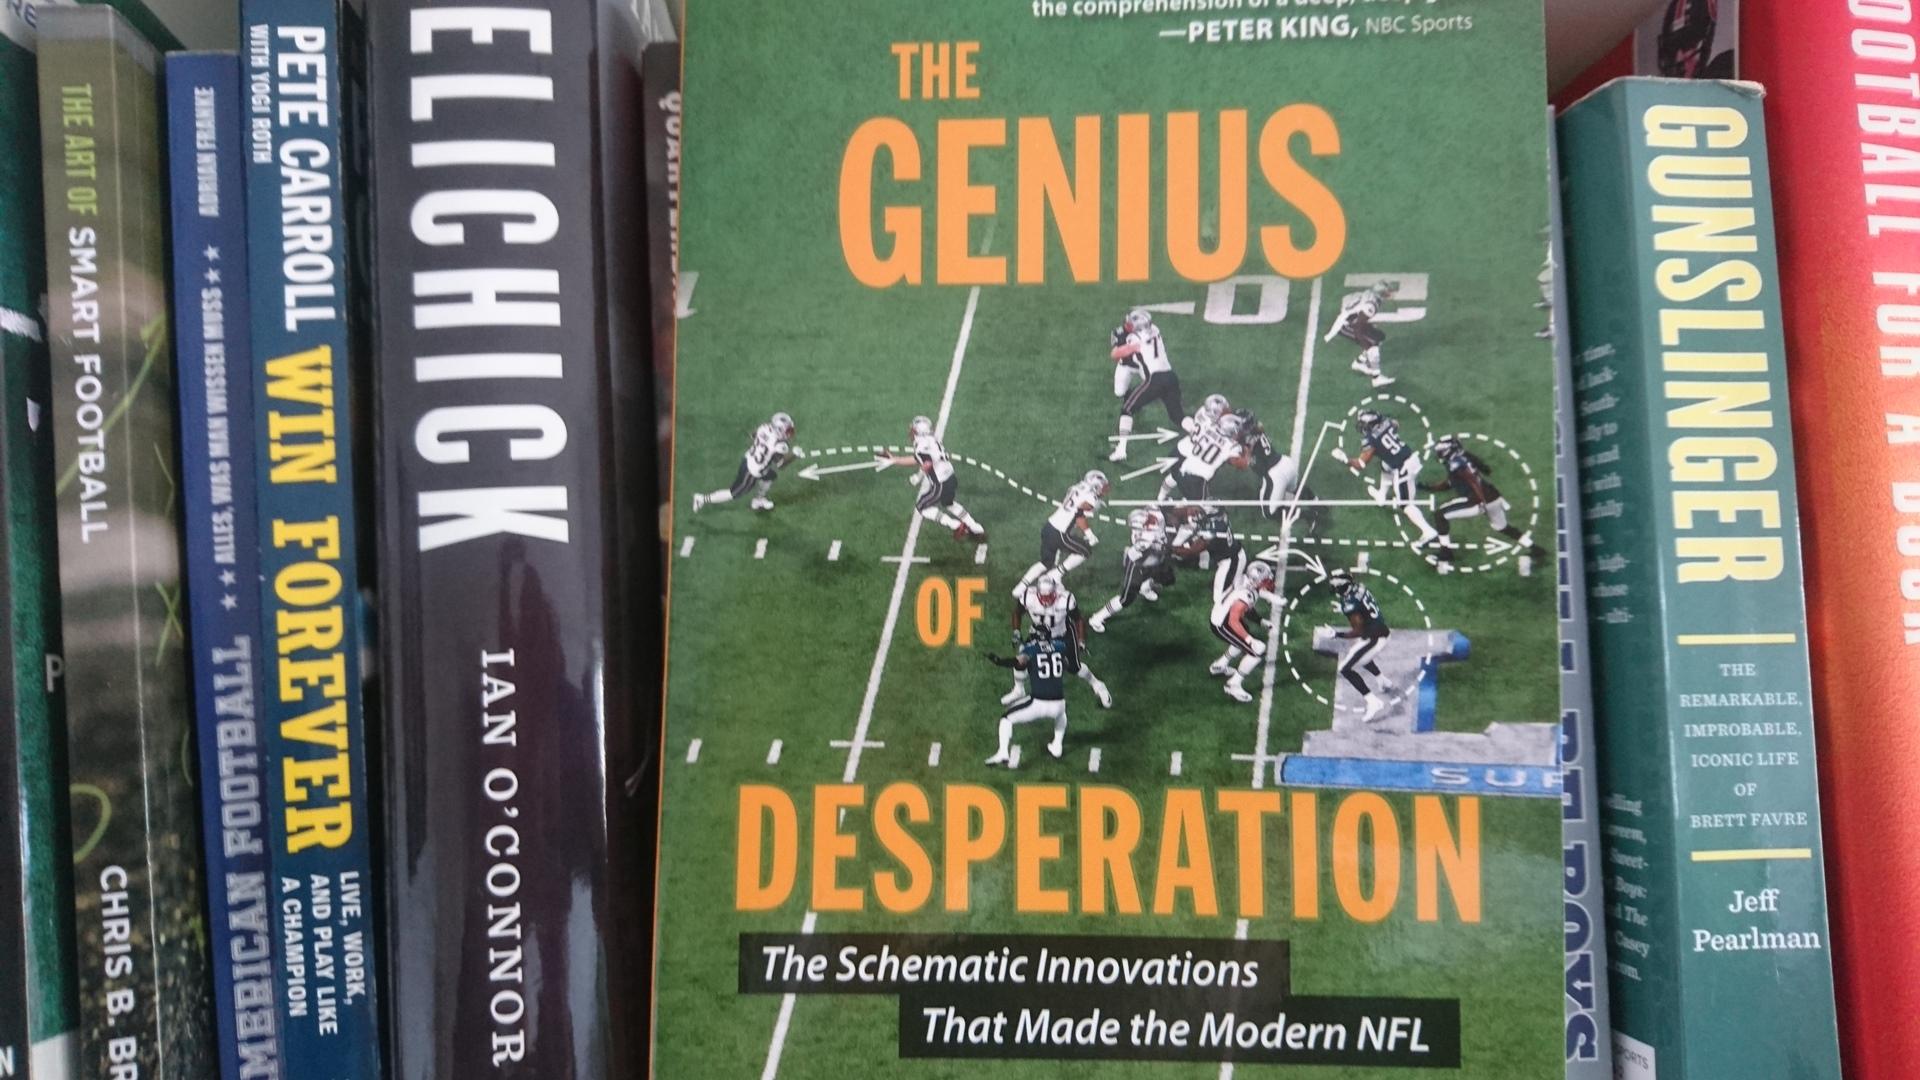 Football-Taktik-Buch, Genius of Desperation